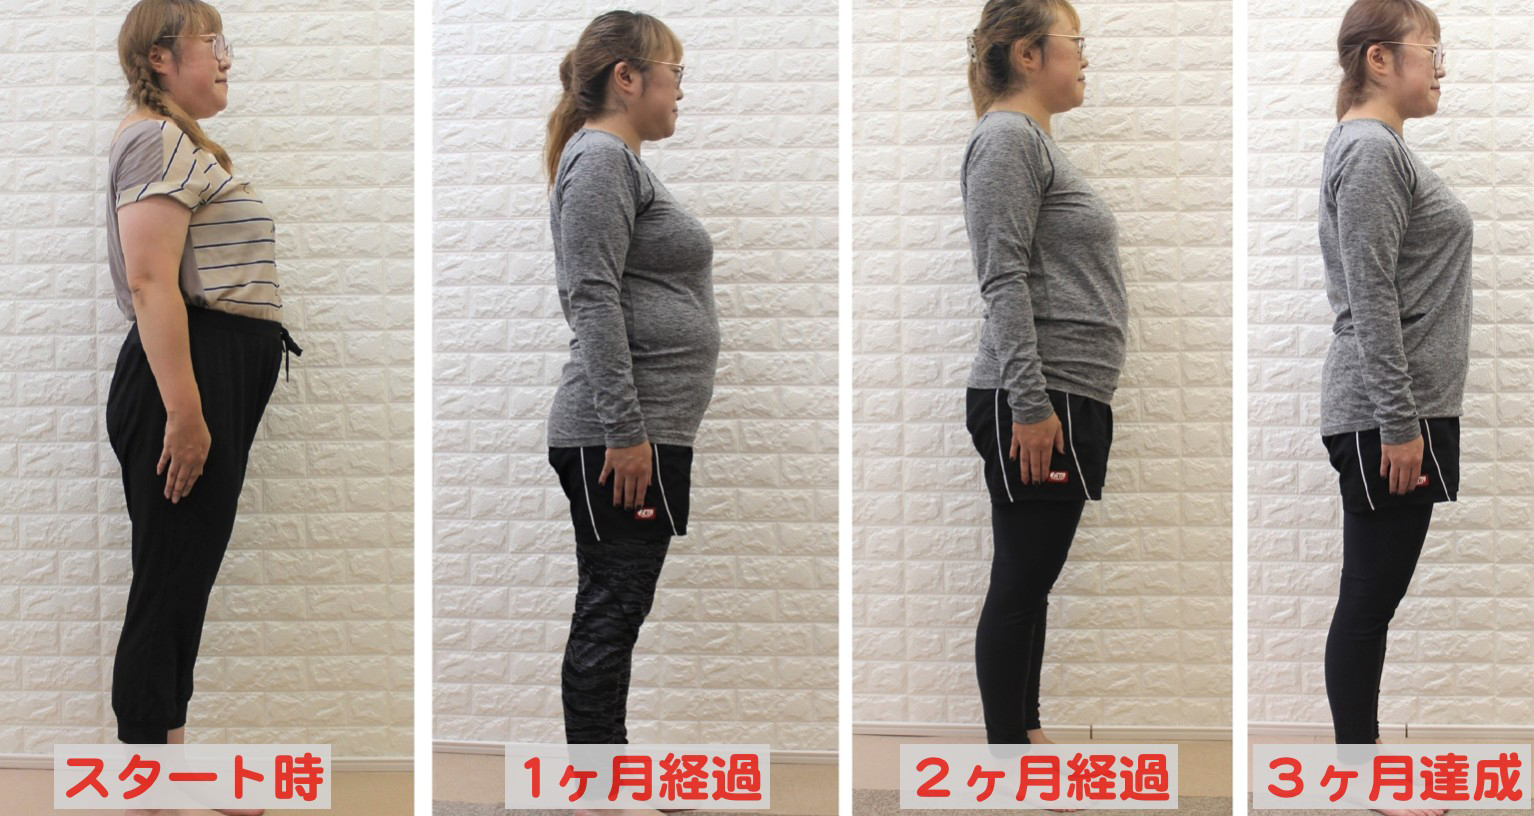 3ヶ月ダイエットプログラム2